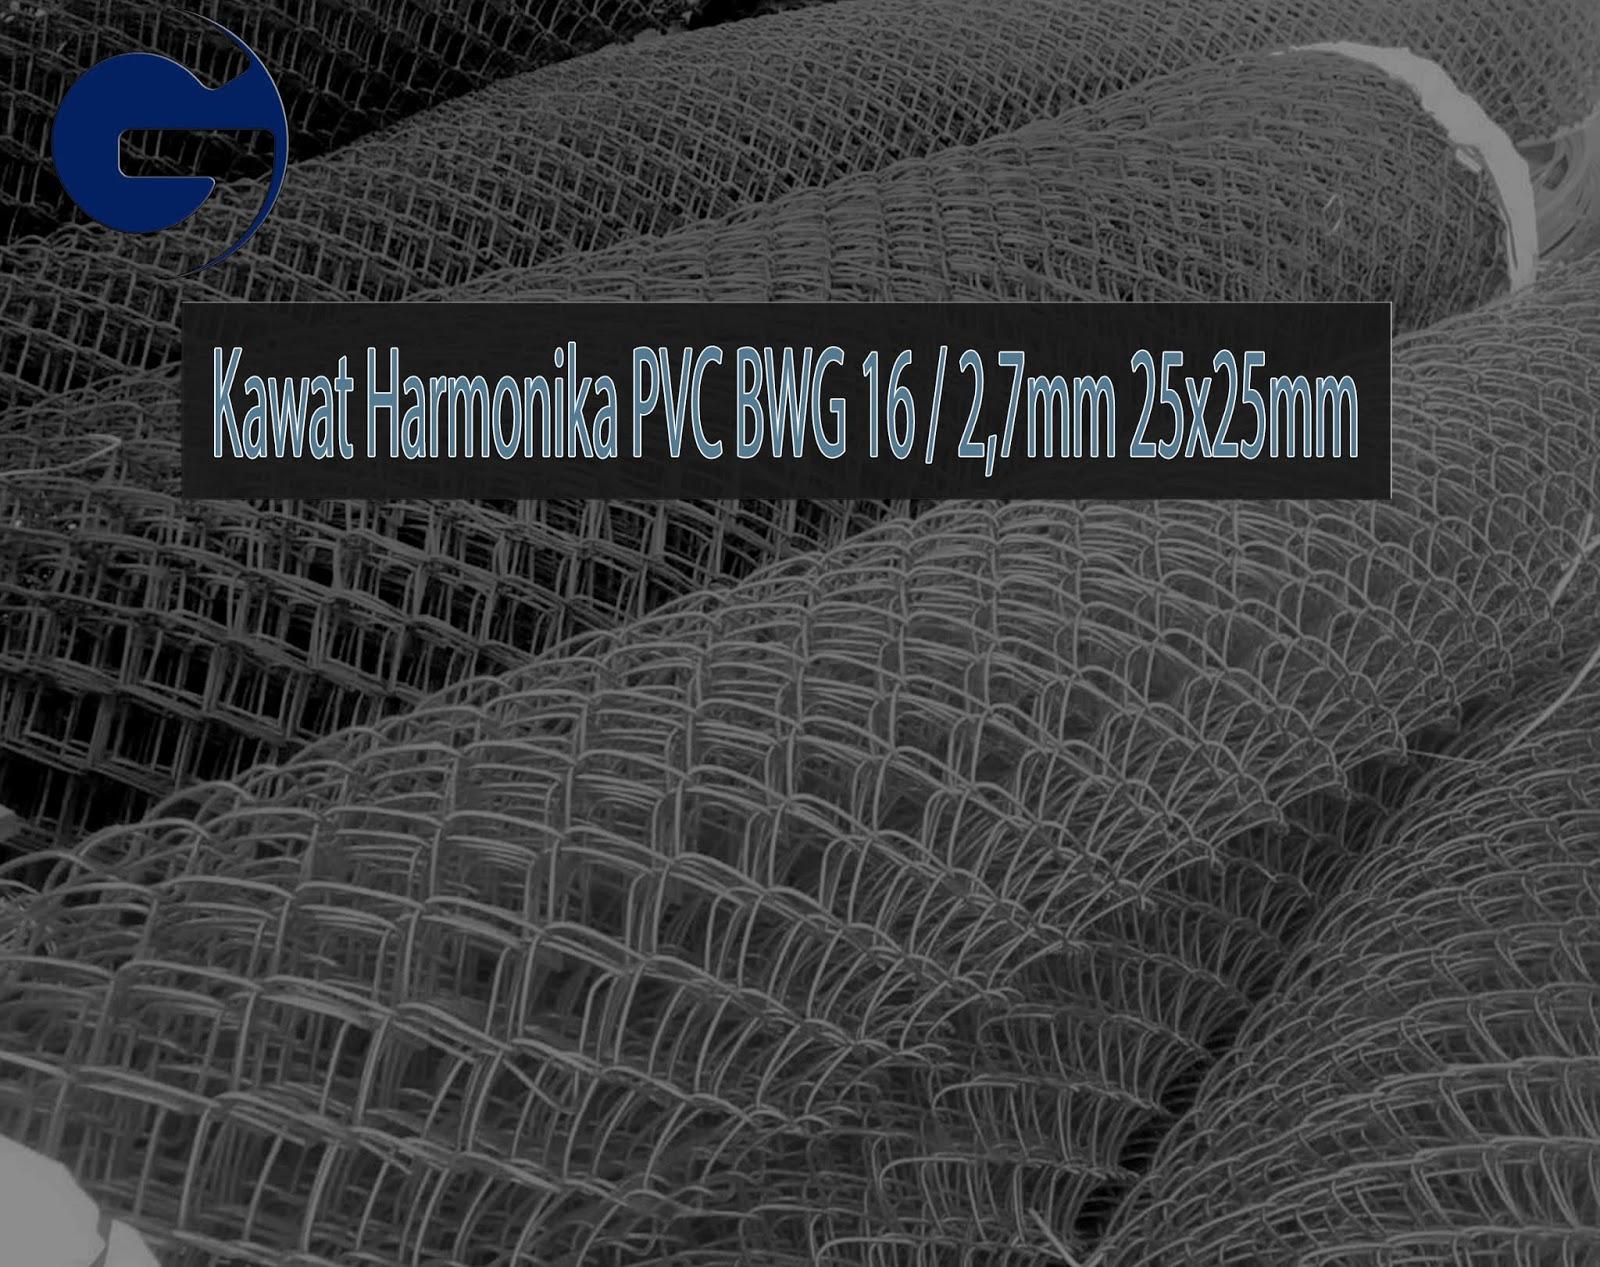 Jual Kawat Harmonika PVC SNI BWG 16/2,7mm 25x25mm